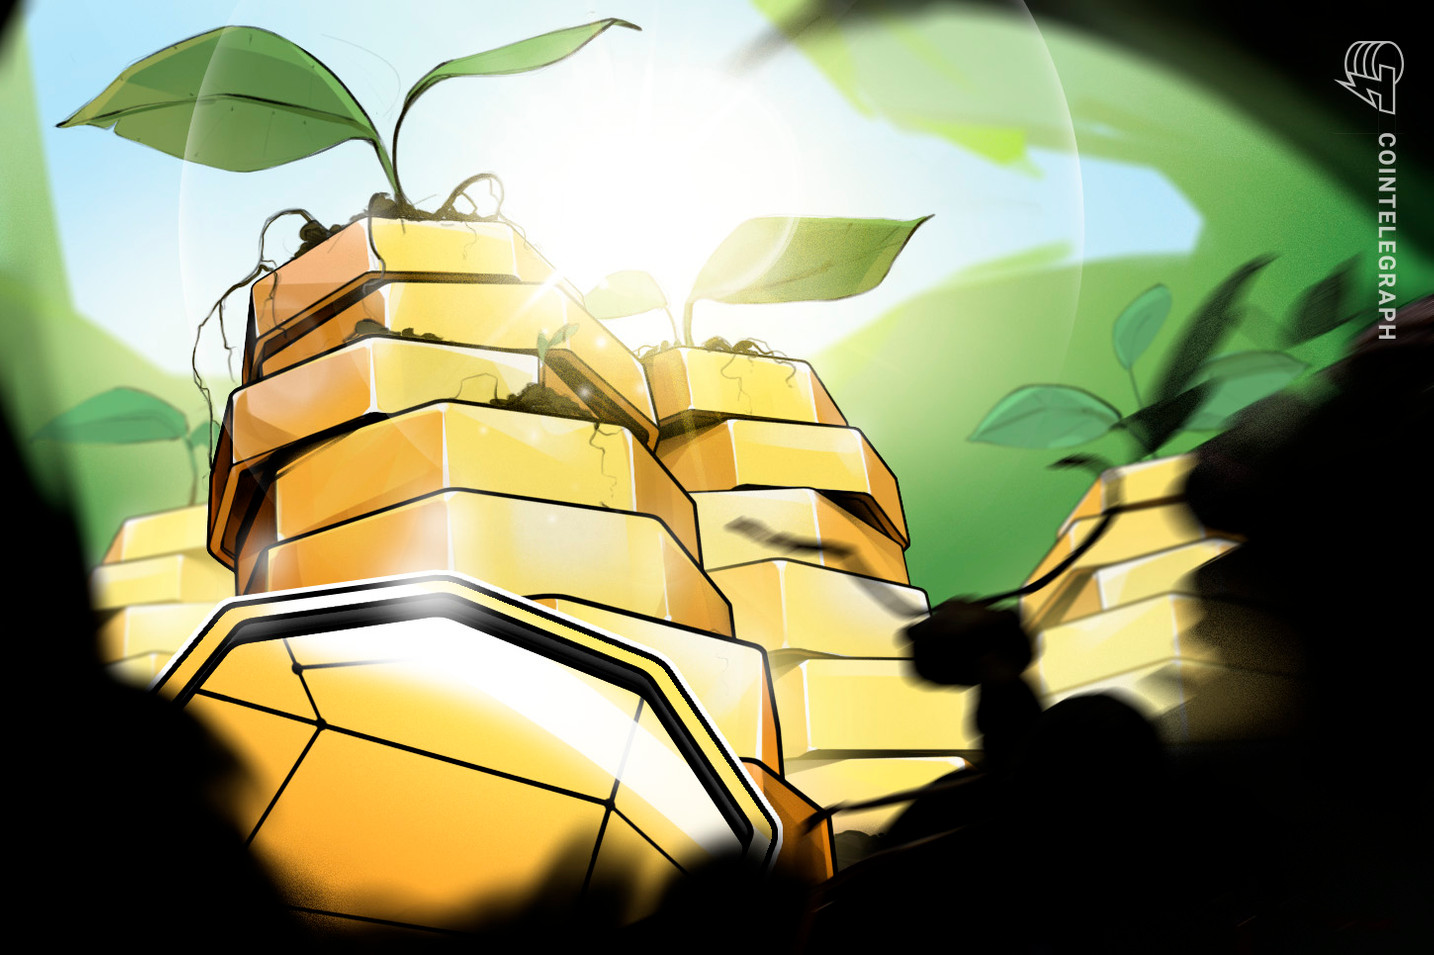 هوبي غروب تُطلق ٤ صناديق عملات مشفرة تستهدف أصولًا بقيمة ١٠٠ مليون دولار